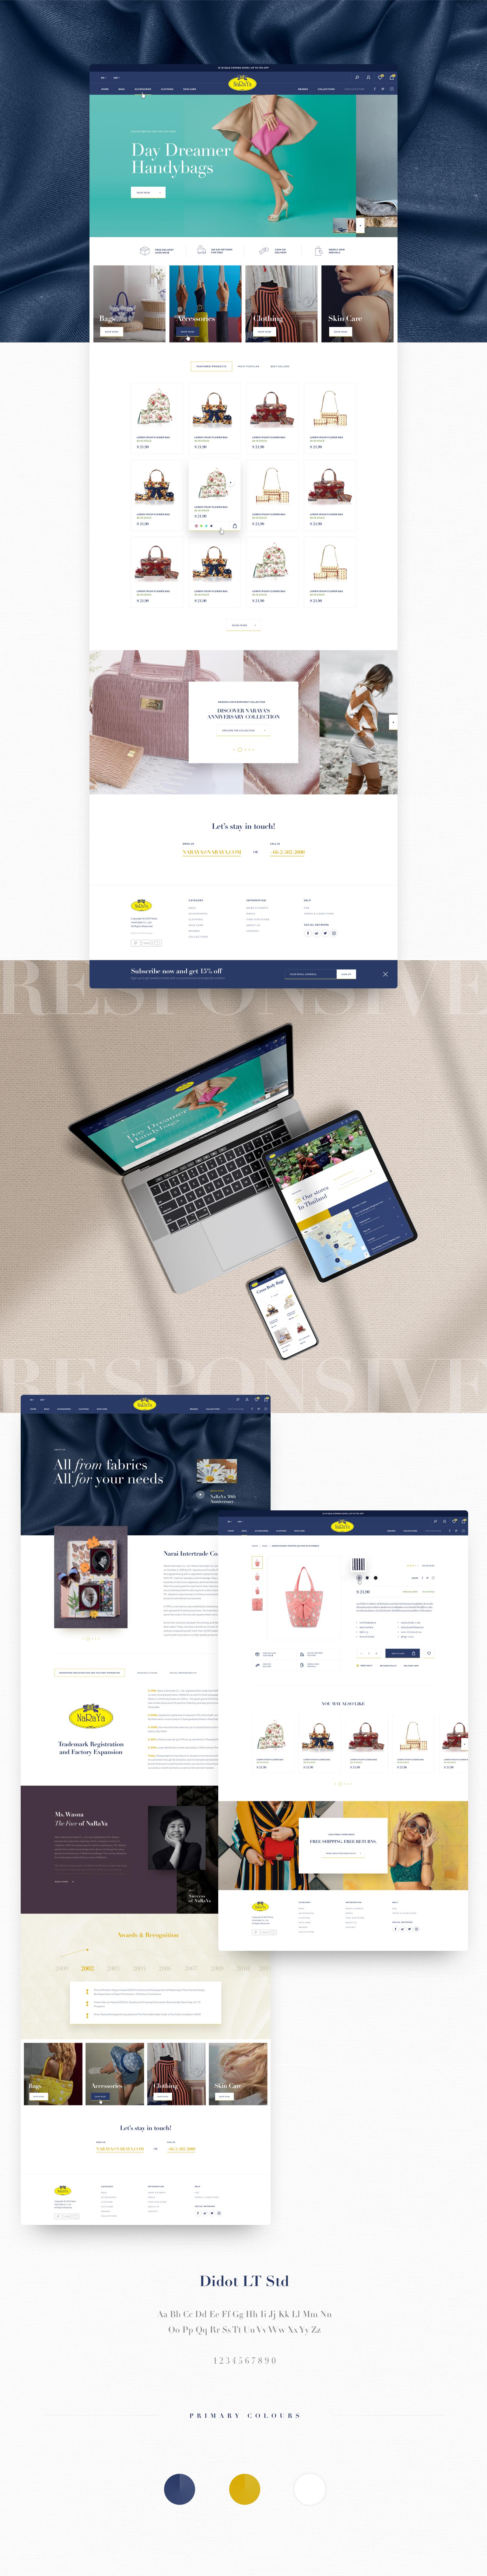 KOS Design - Naraya